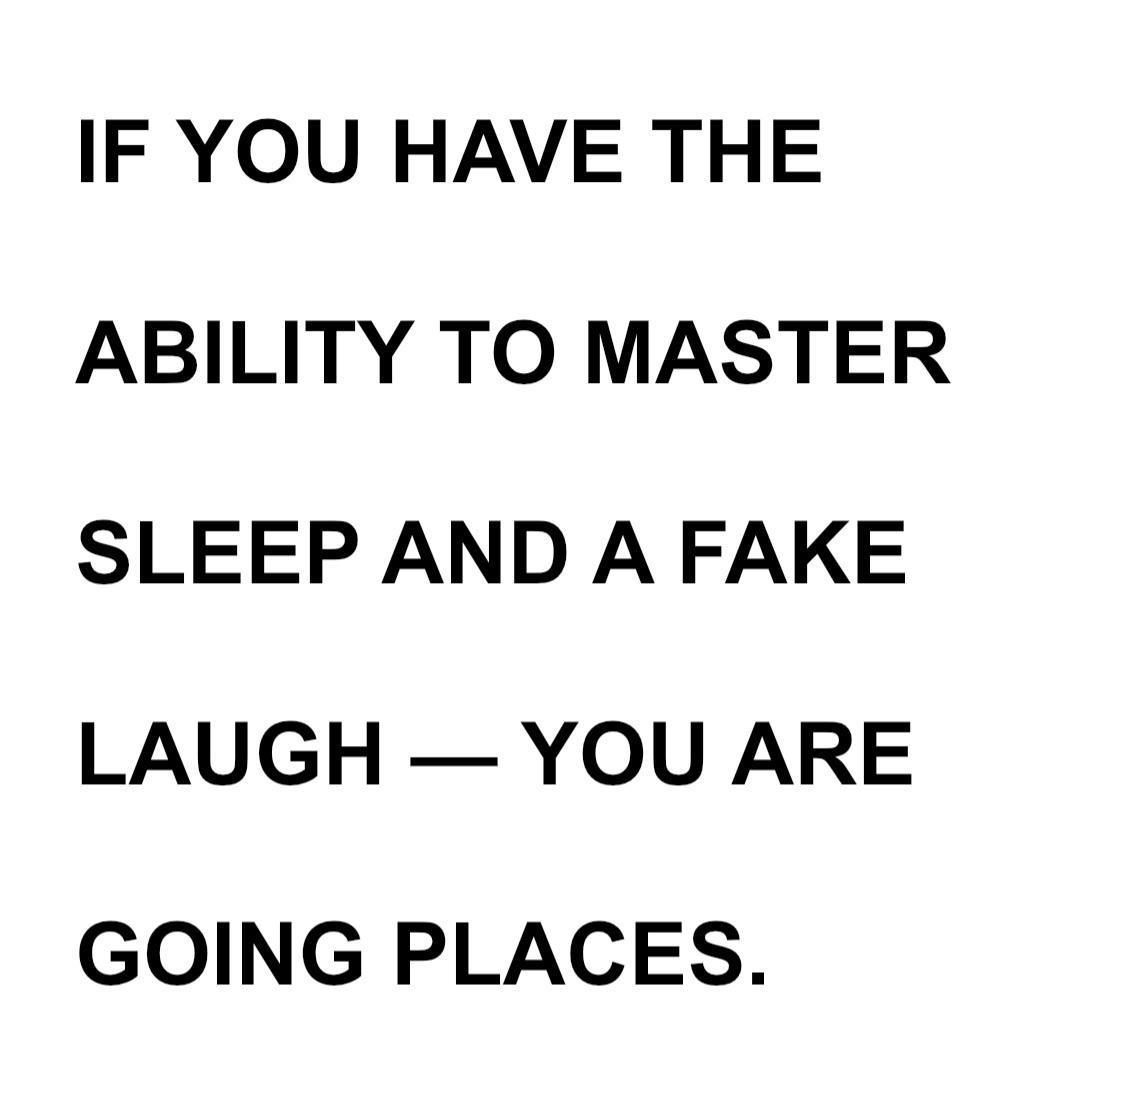 [IMAGE] Recipe for success.